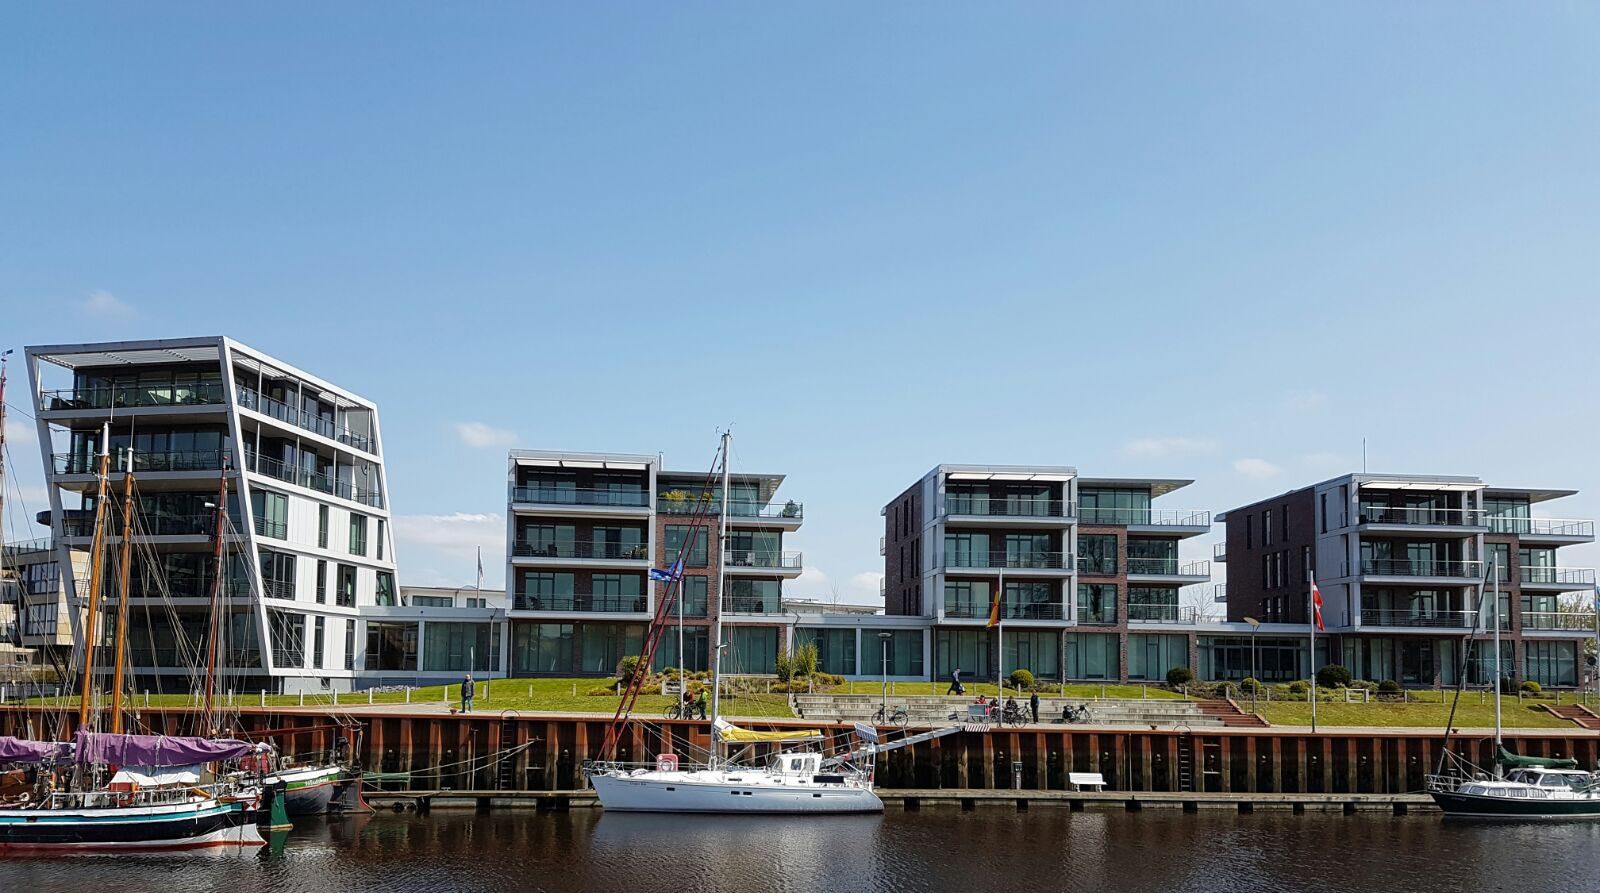 ANATECK - Ihr Partner für innovatives Facility- und Real Estate Management. - Wissen. Erfahrung. Zuverlässigkeit.